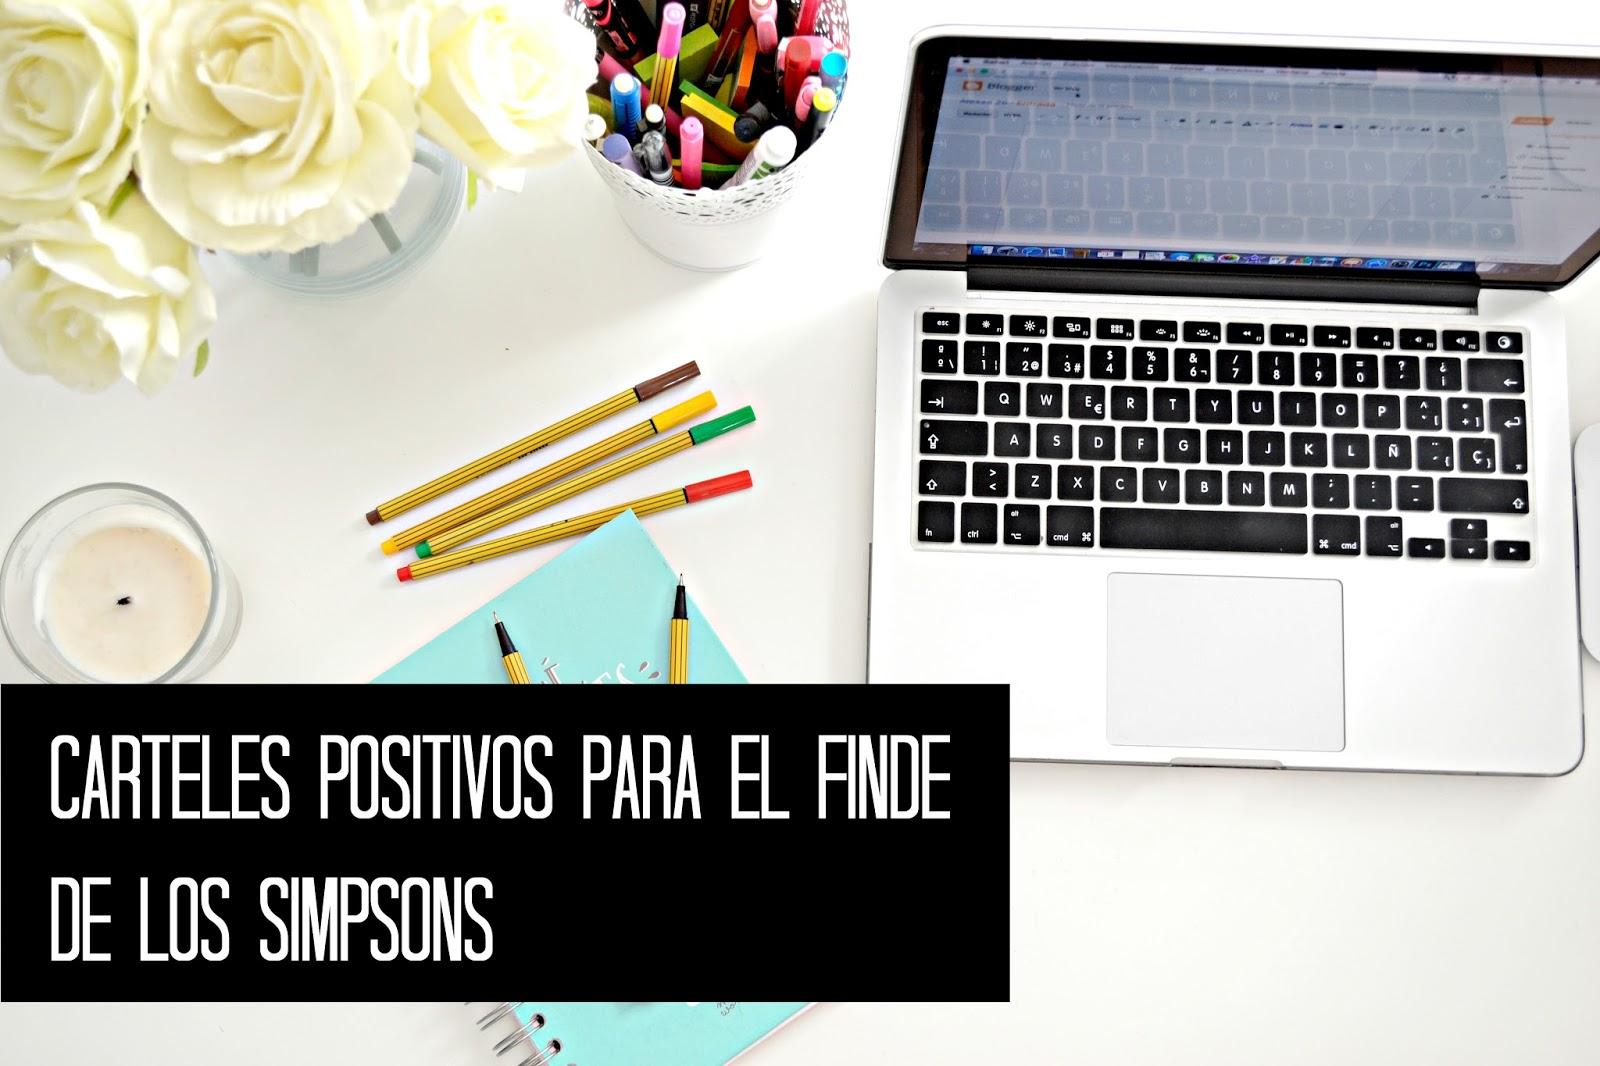 carteles-positivos-simpsons-para-el-finde